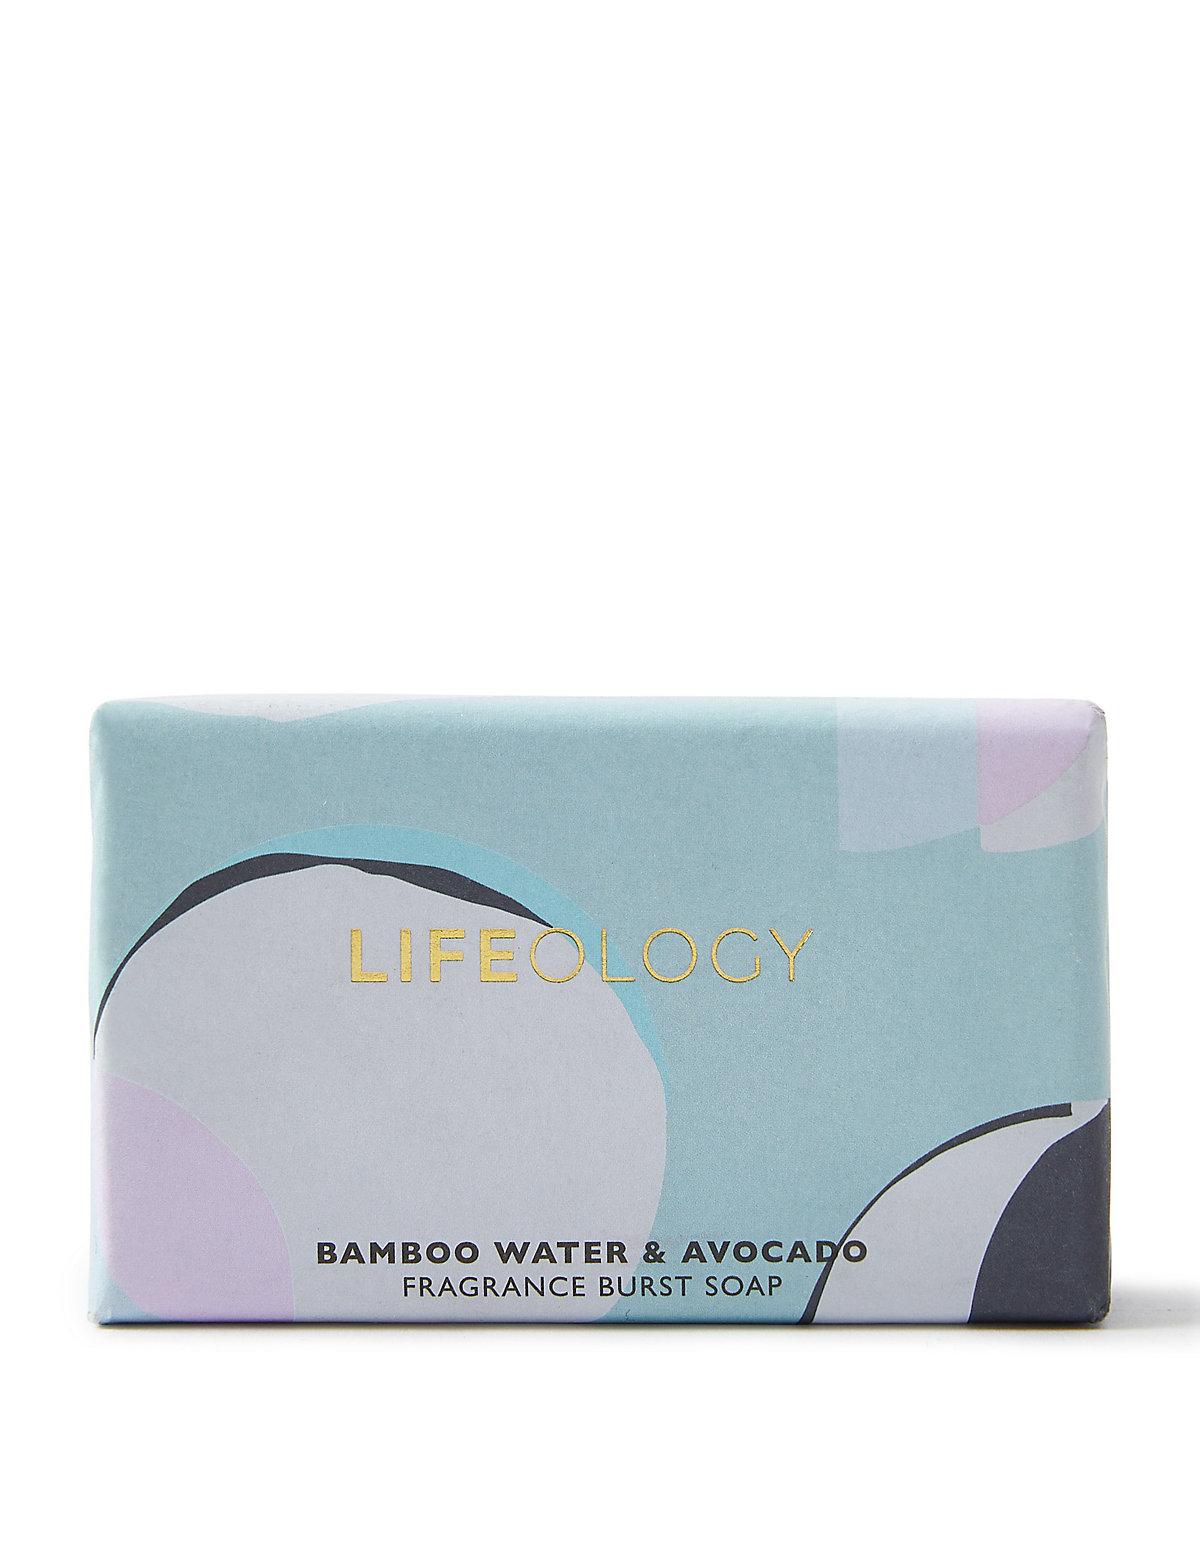 Lifeology Bamboo Water & Avocado Soap 200g